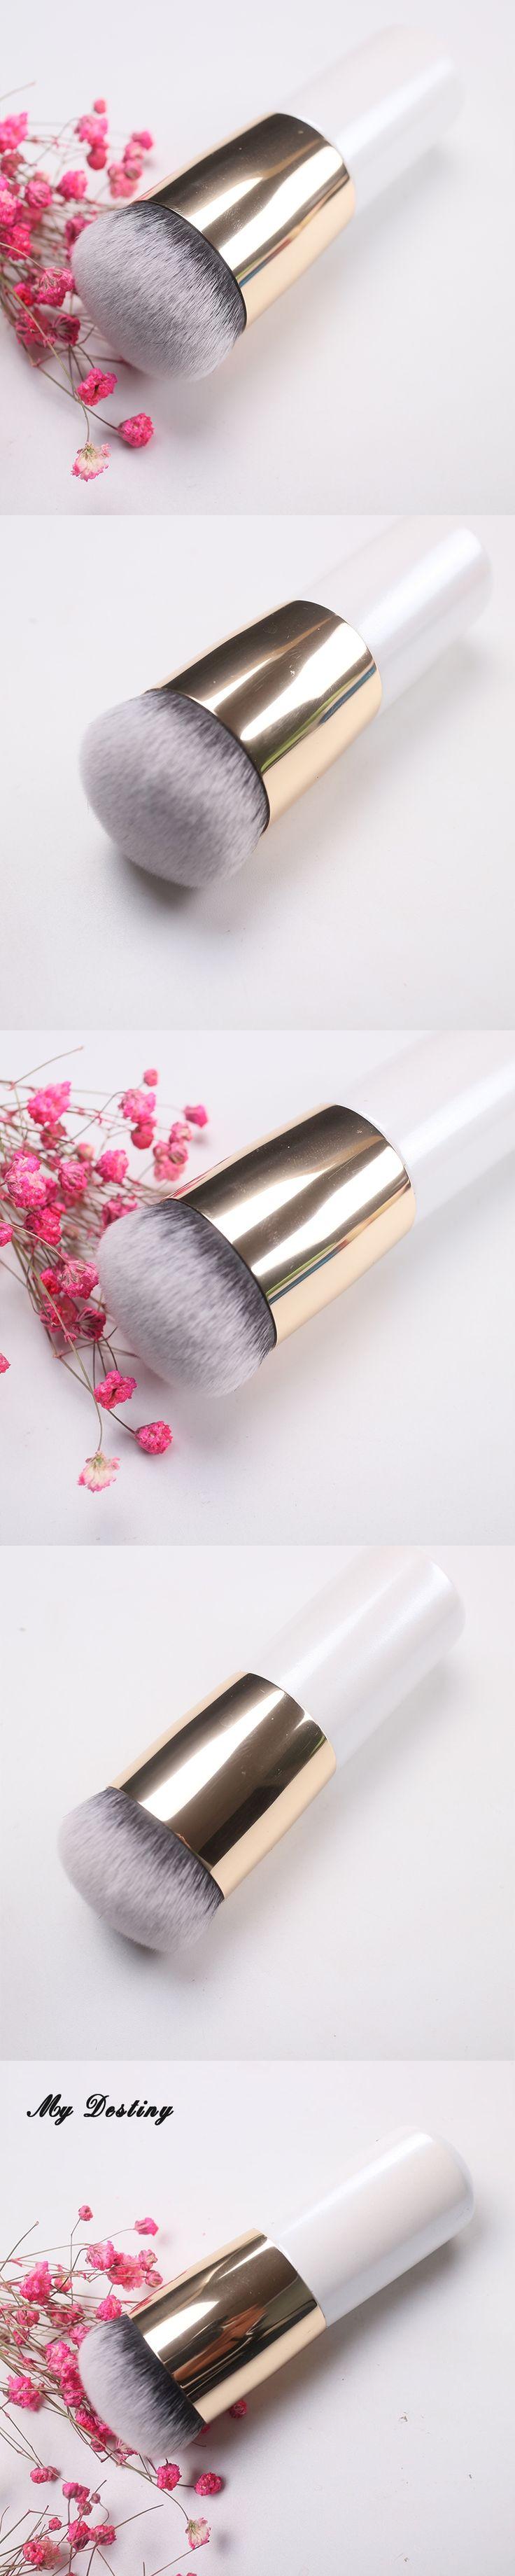 MY DESTINY White Rainbow Kabuki Foundation Brush Make Up Makeup Brushes Kwasten Base Pincel Maquiagem Brochas Maquillaje